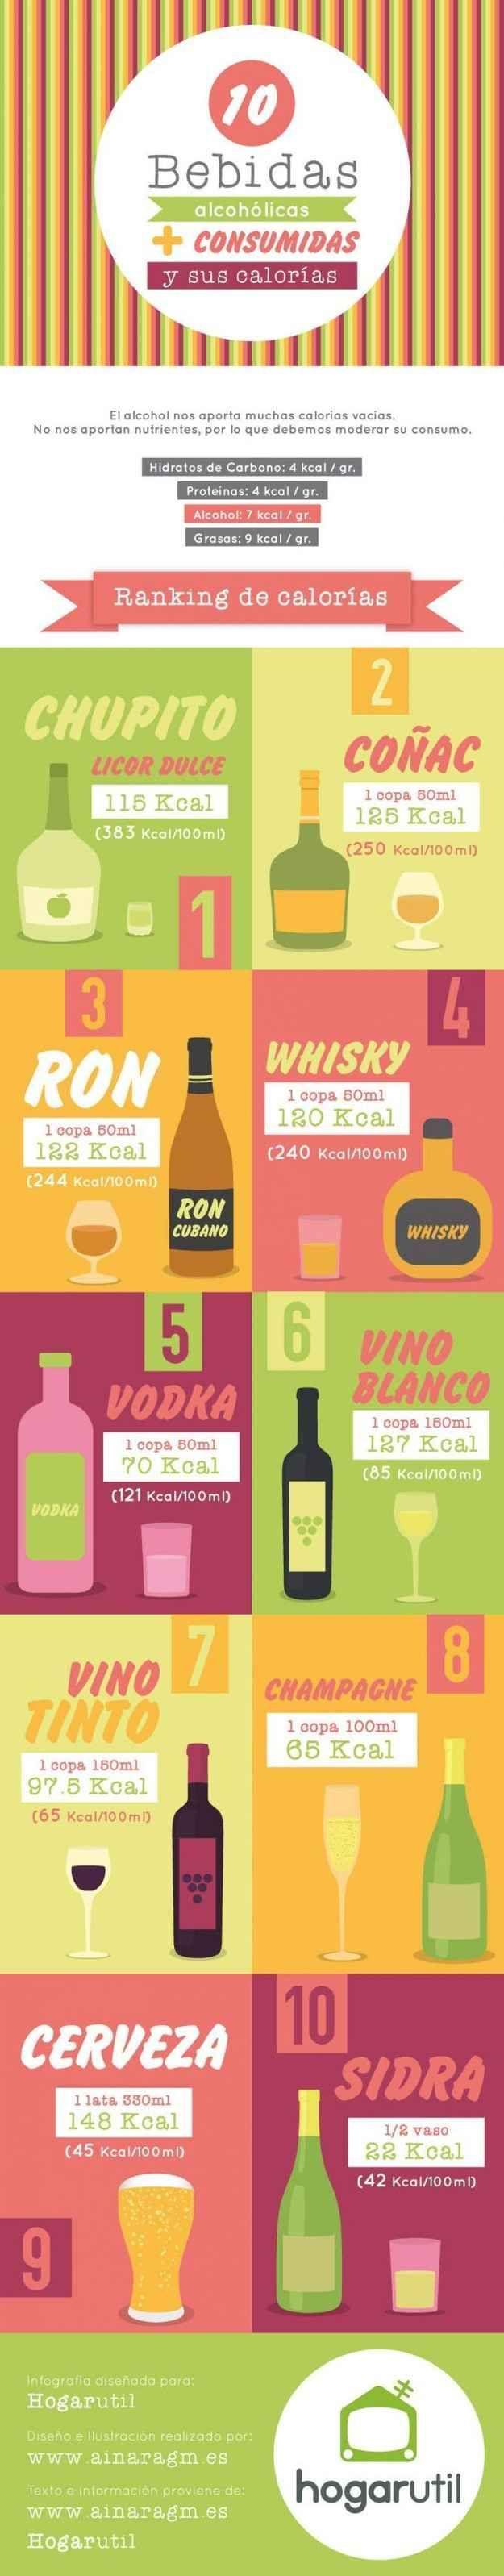 Si de bebidas alcohólicas se trata, la sidra es la que menos calorías tiene, le siguen el champagne y el vodka: